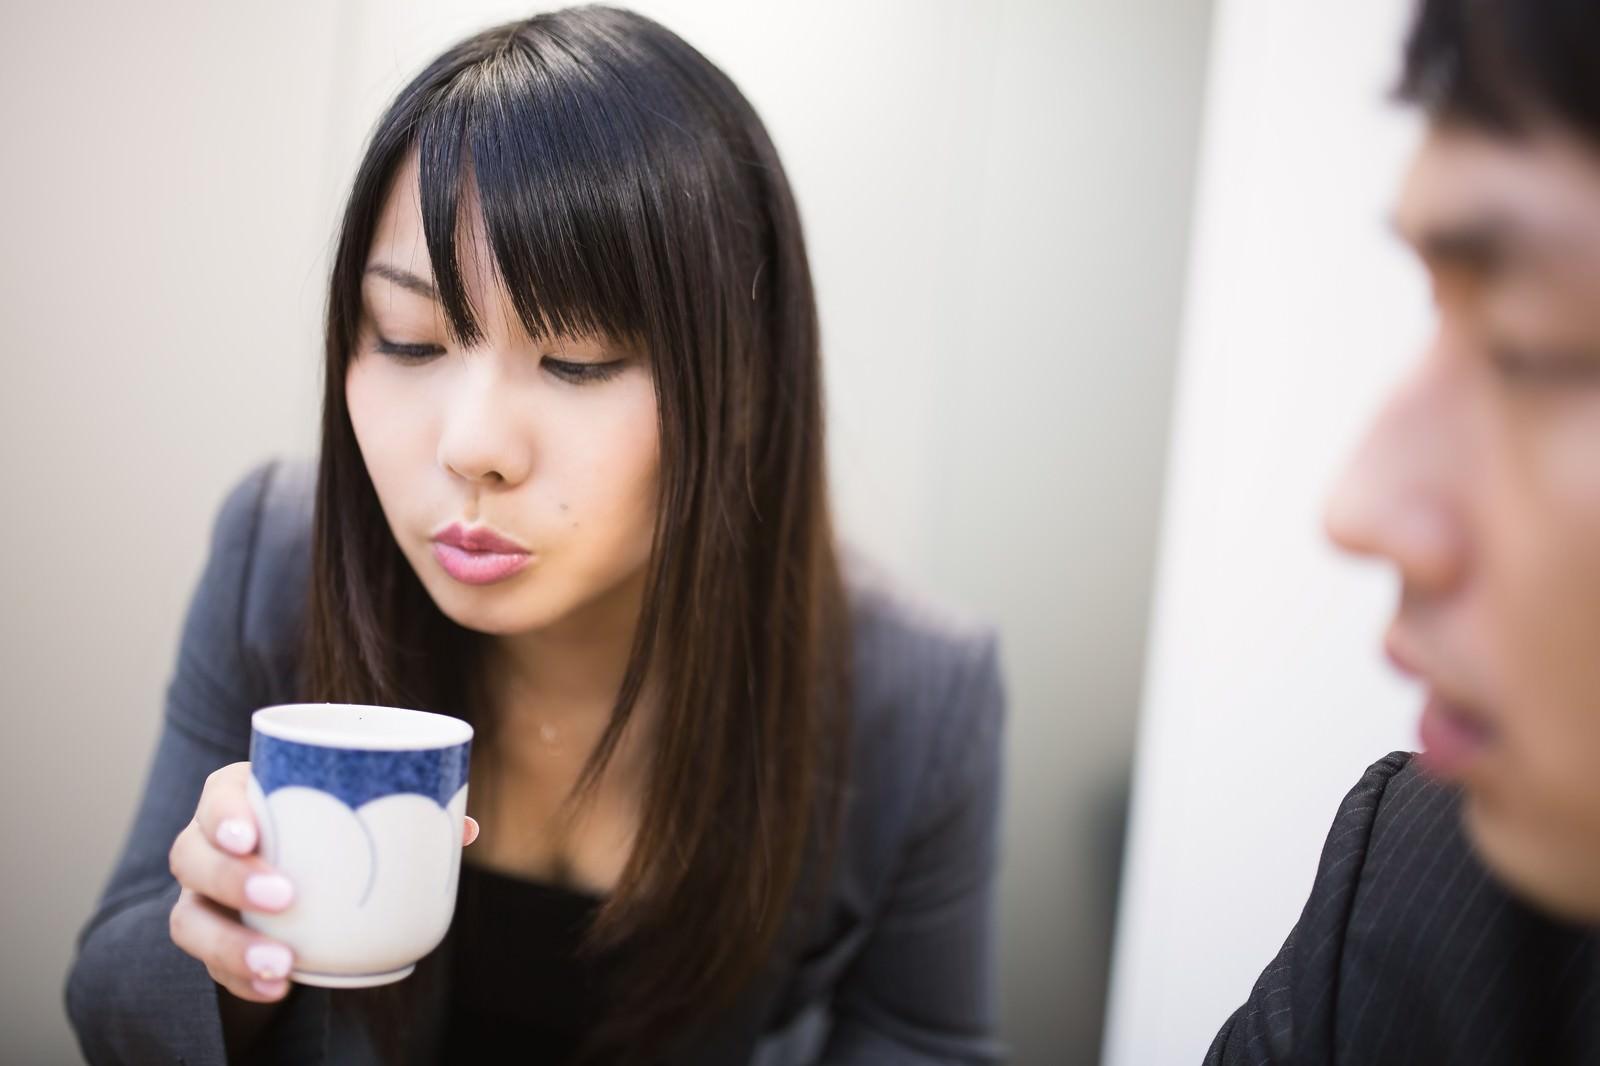 「フーフーしてお茶を冷まし来客の胸を熱くする女性社員」の写真[モデル:大川竜弥 Lala]